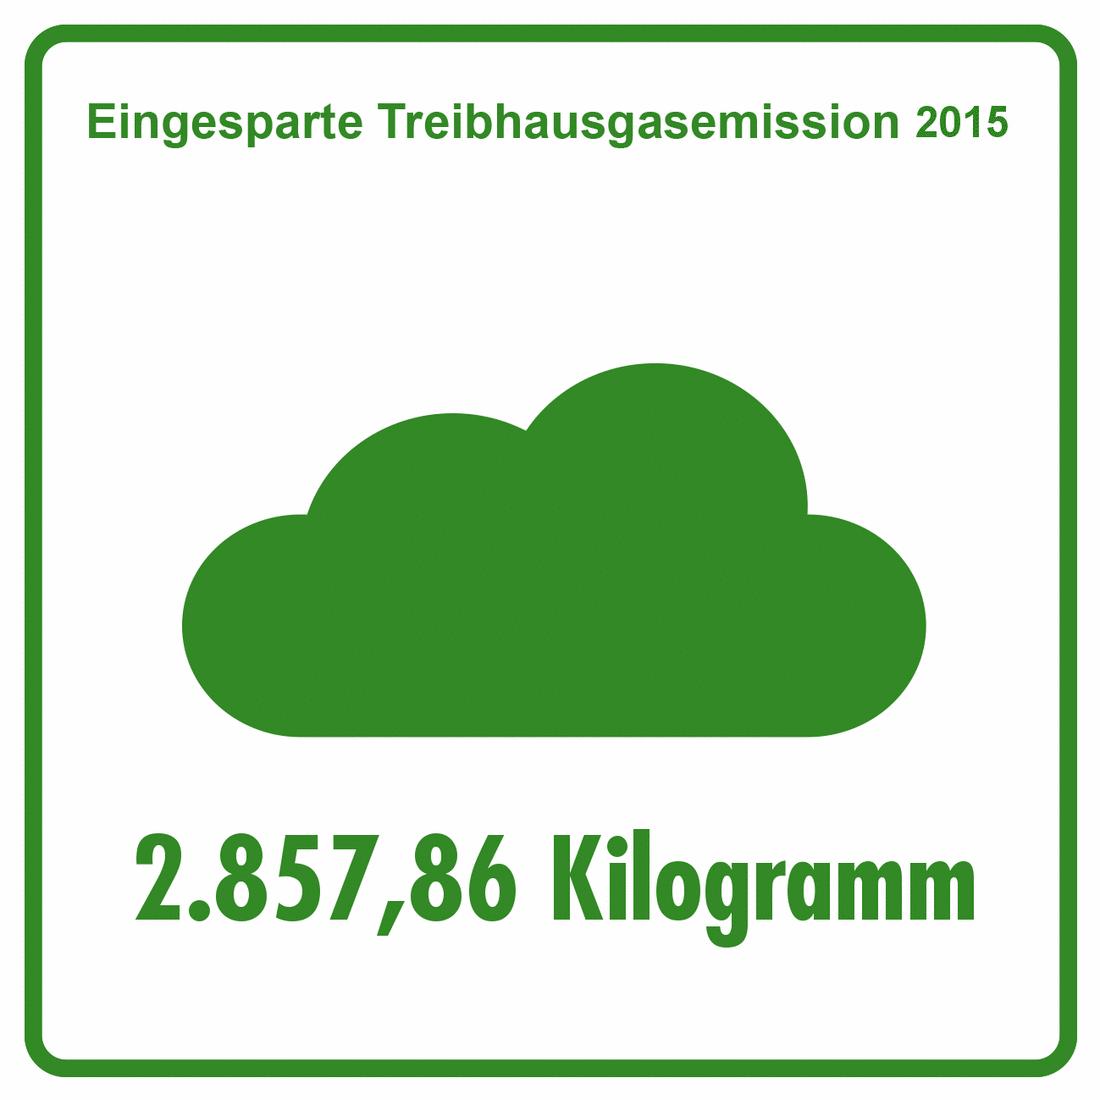 2015 - Eingesparte Treibhausgasemissionen